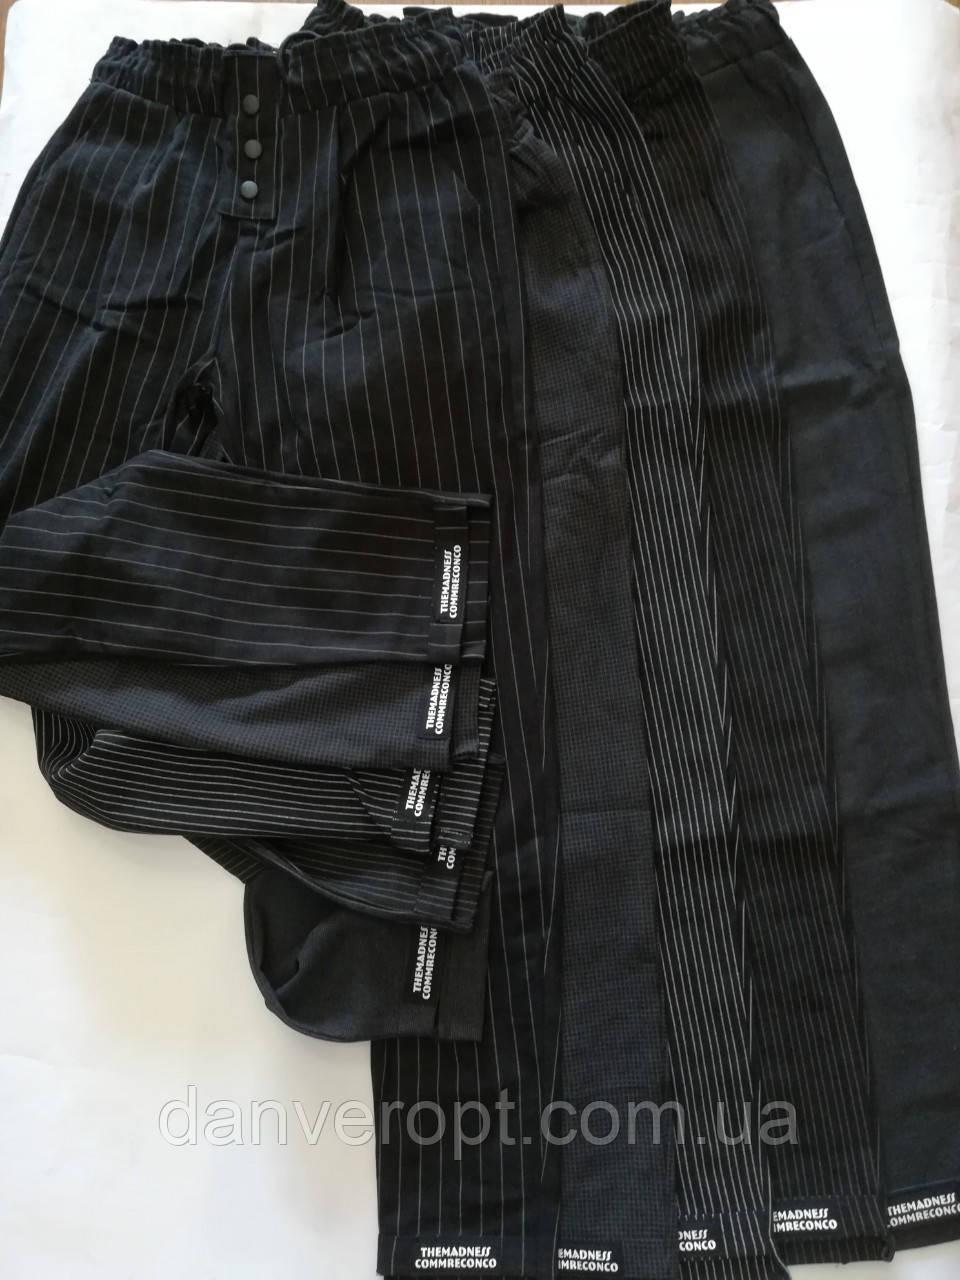 Штаны женские молодёжные стильные размер M-XL купить оптом со склада 7км Одесса